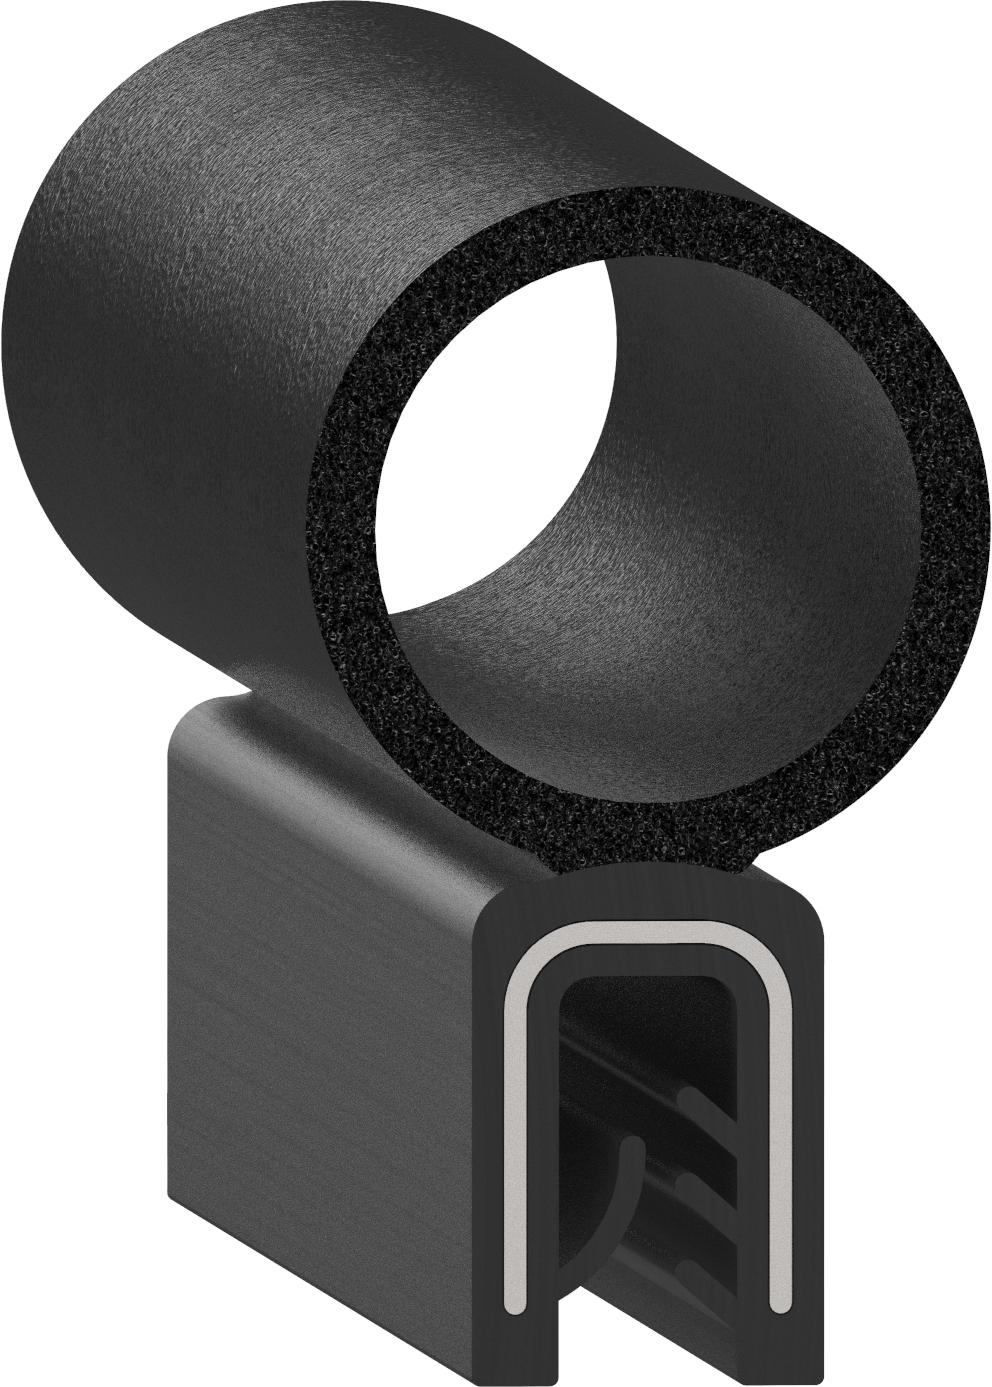 Uni-Grip part: SD-12156